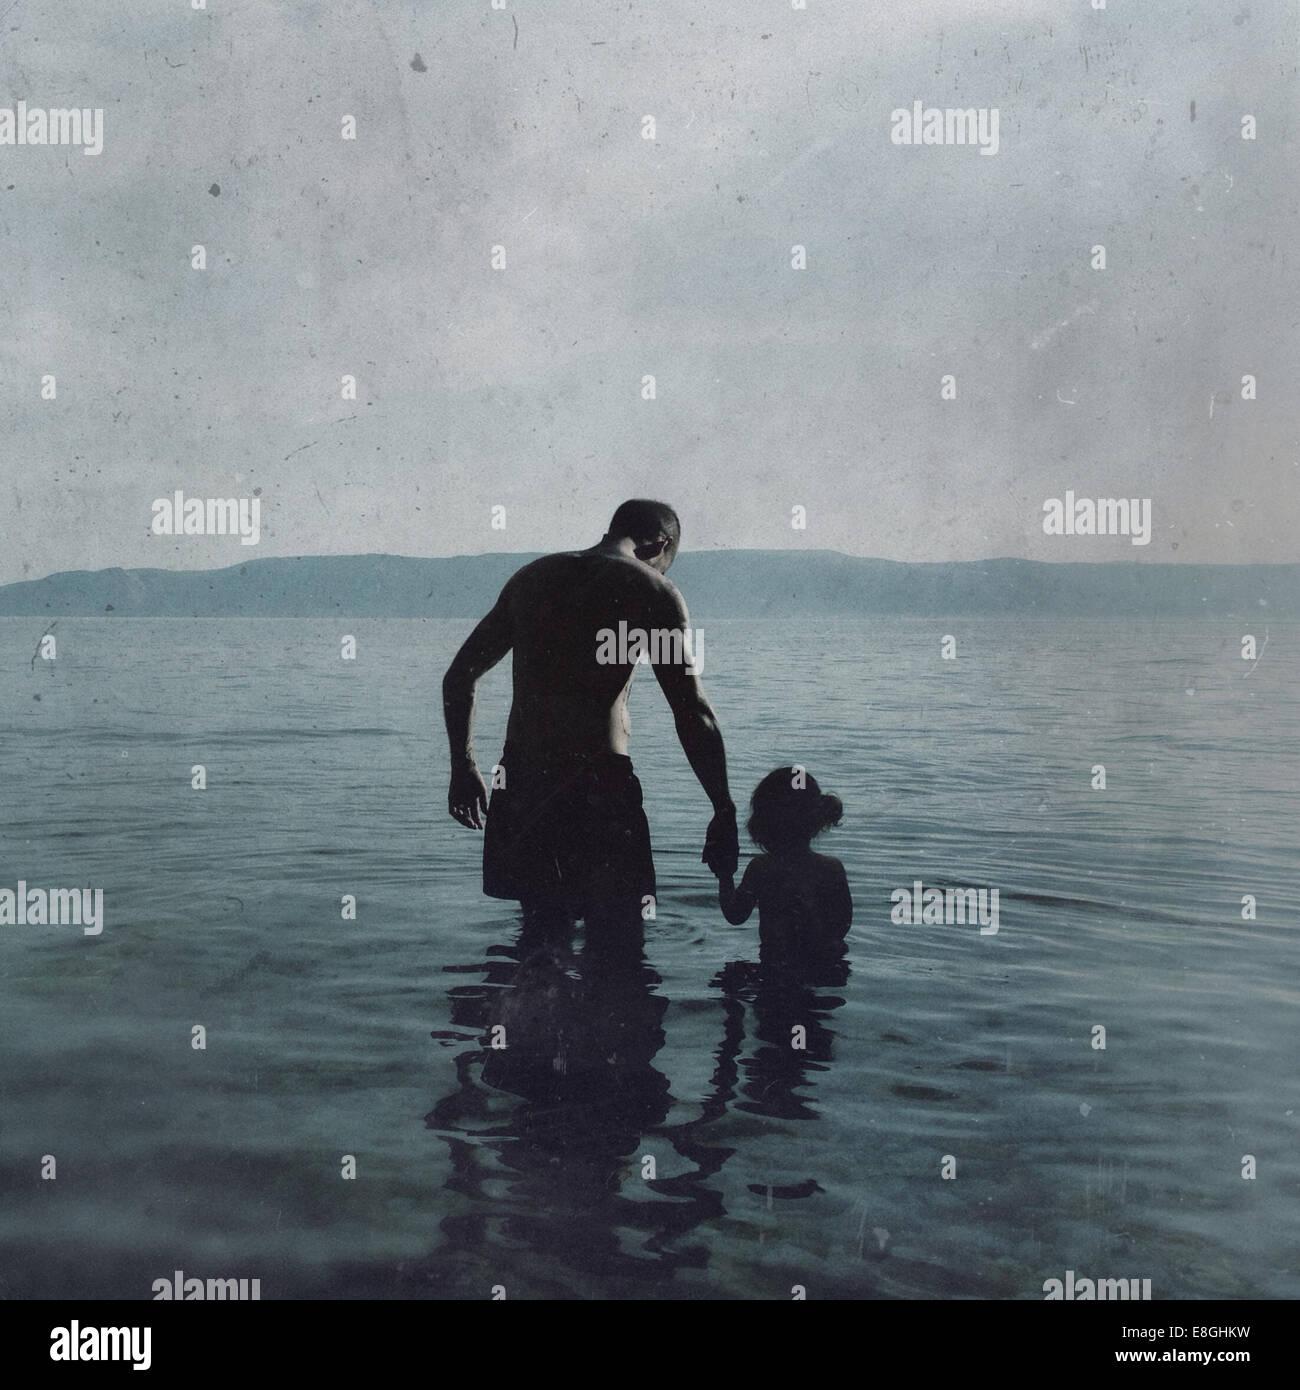 Croazia, padre e figlia (2-3) guadare in mare Immagini Stock